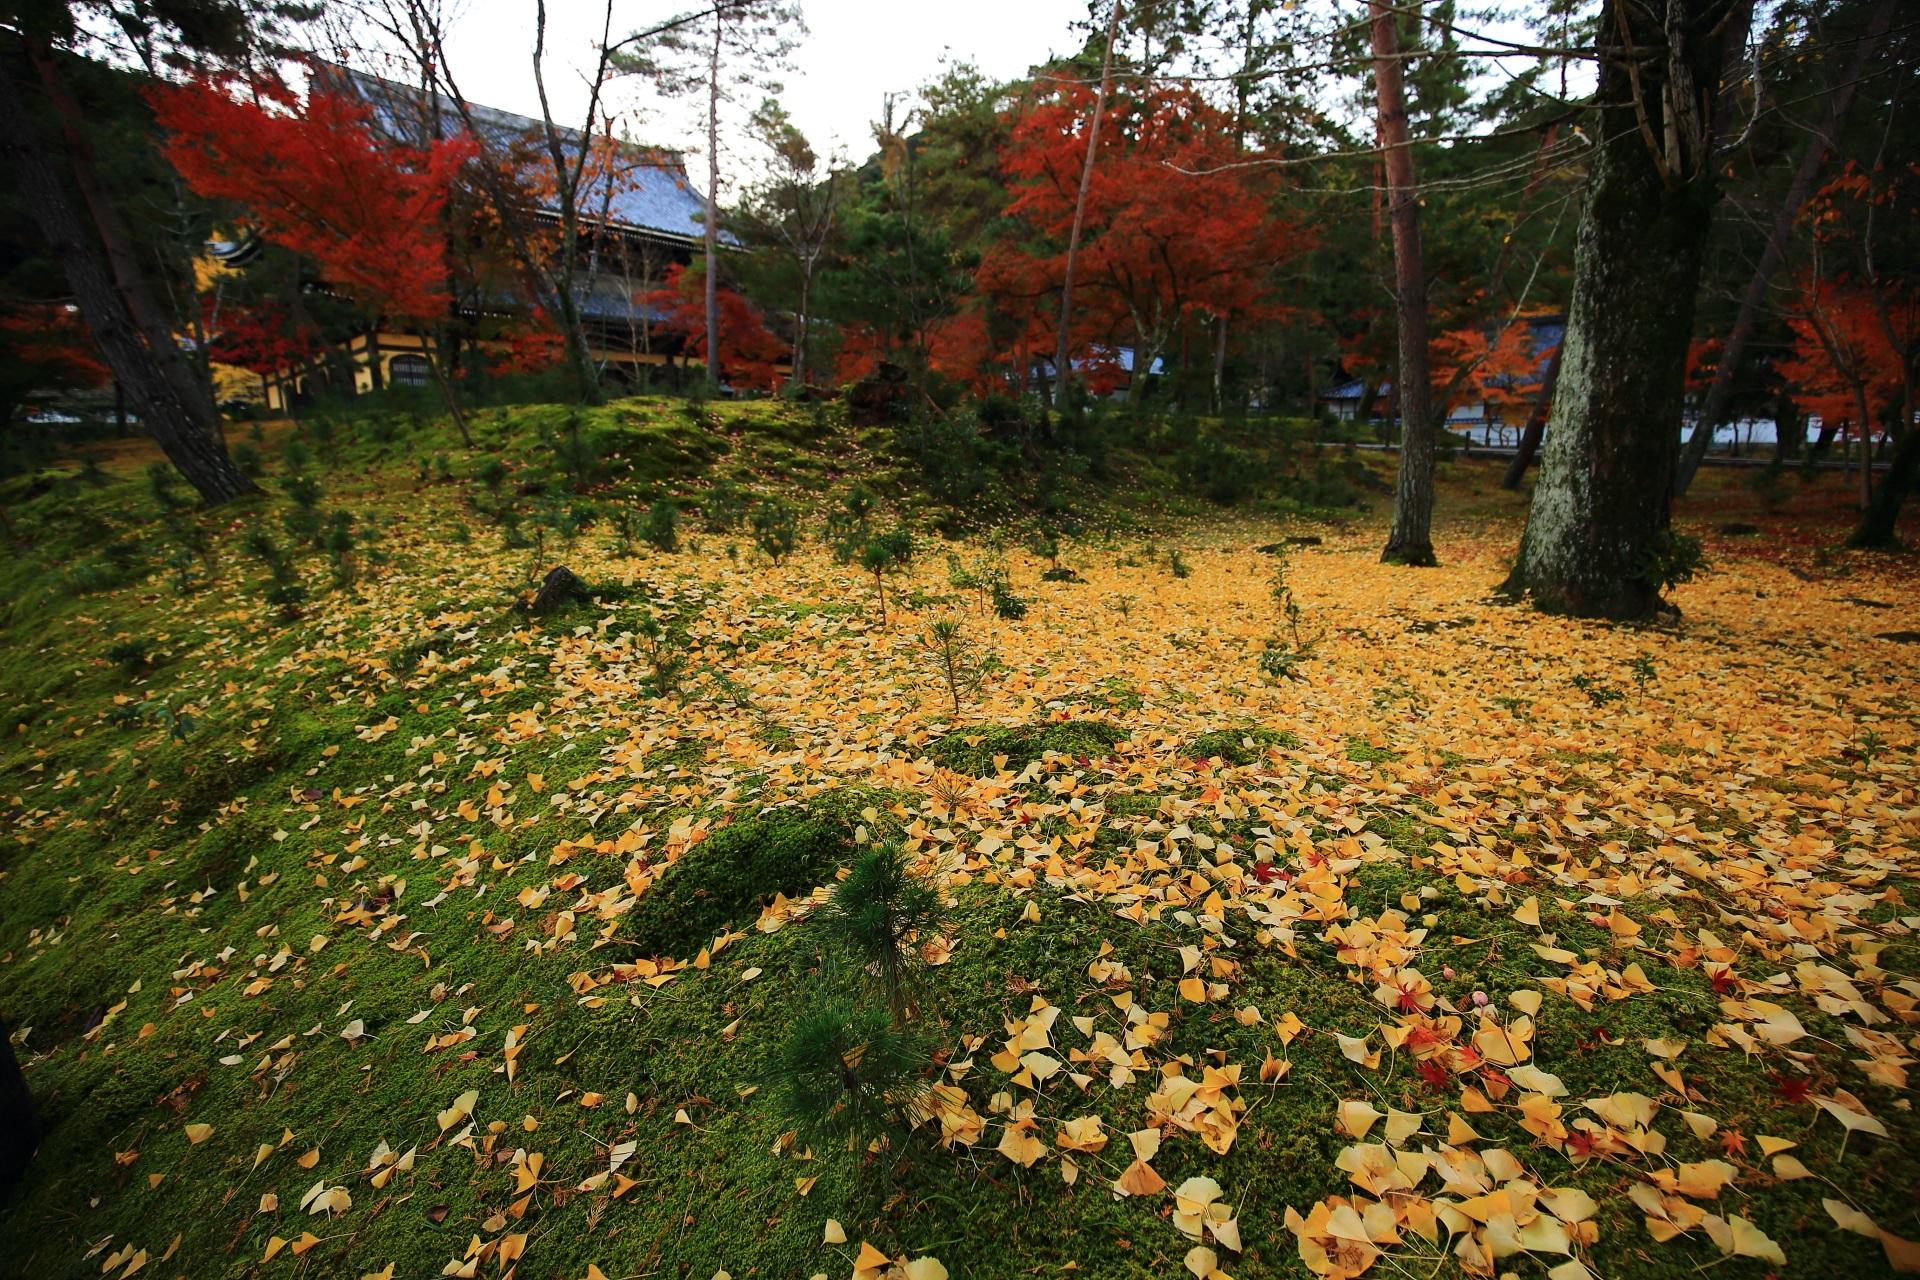 南禅寺の淡い緑の苔を彩る華やかな散り銀杏